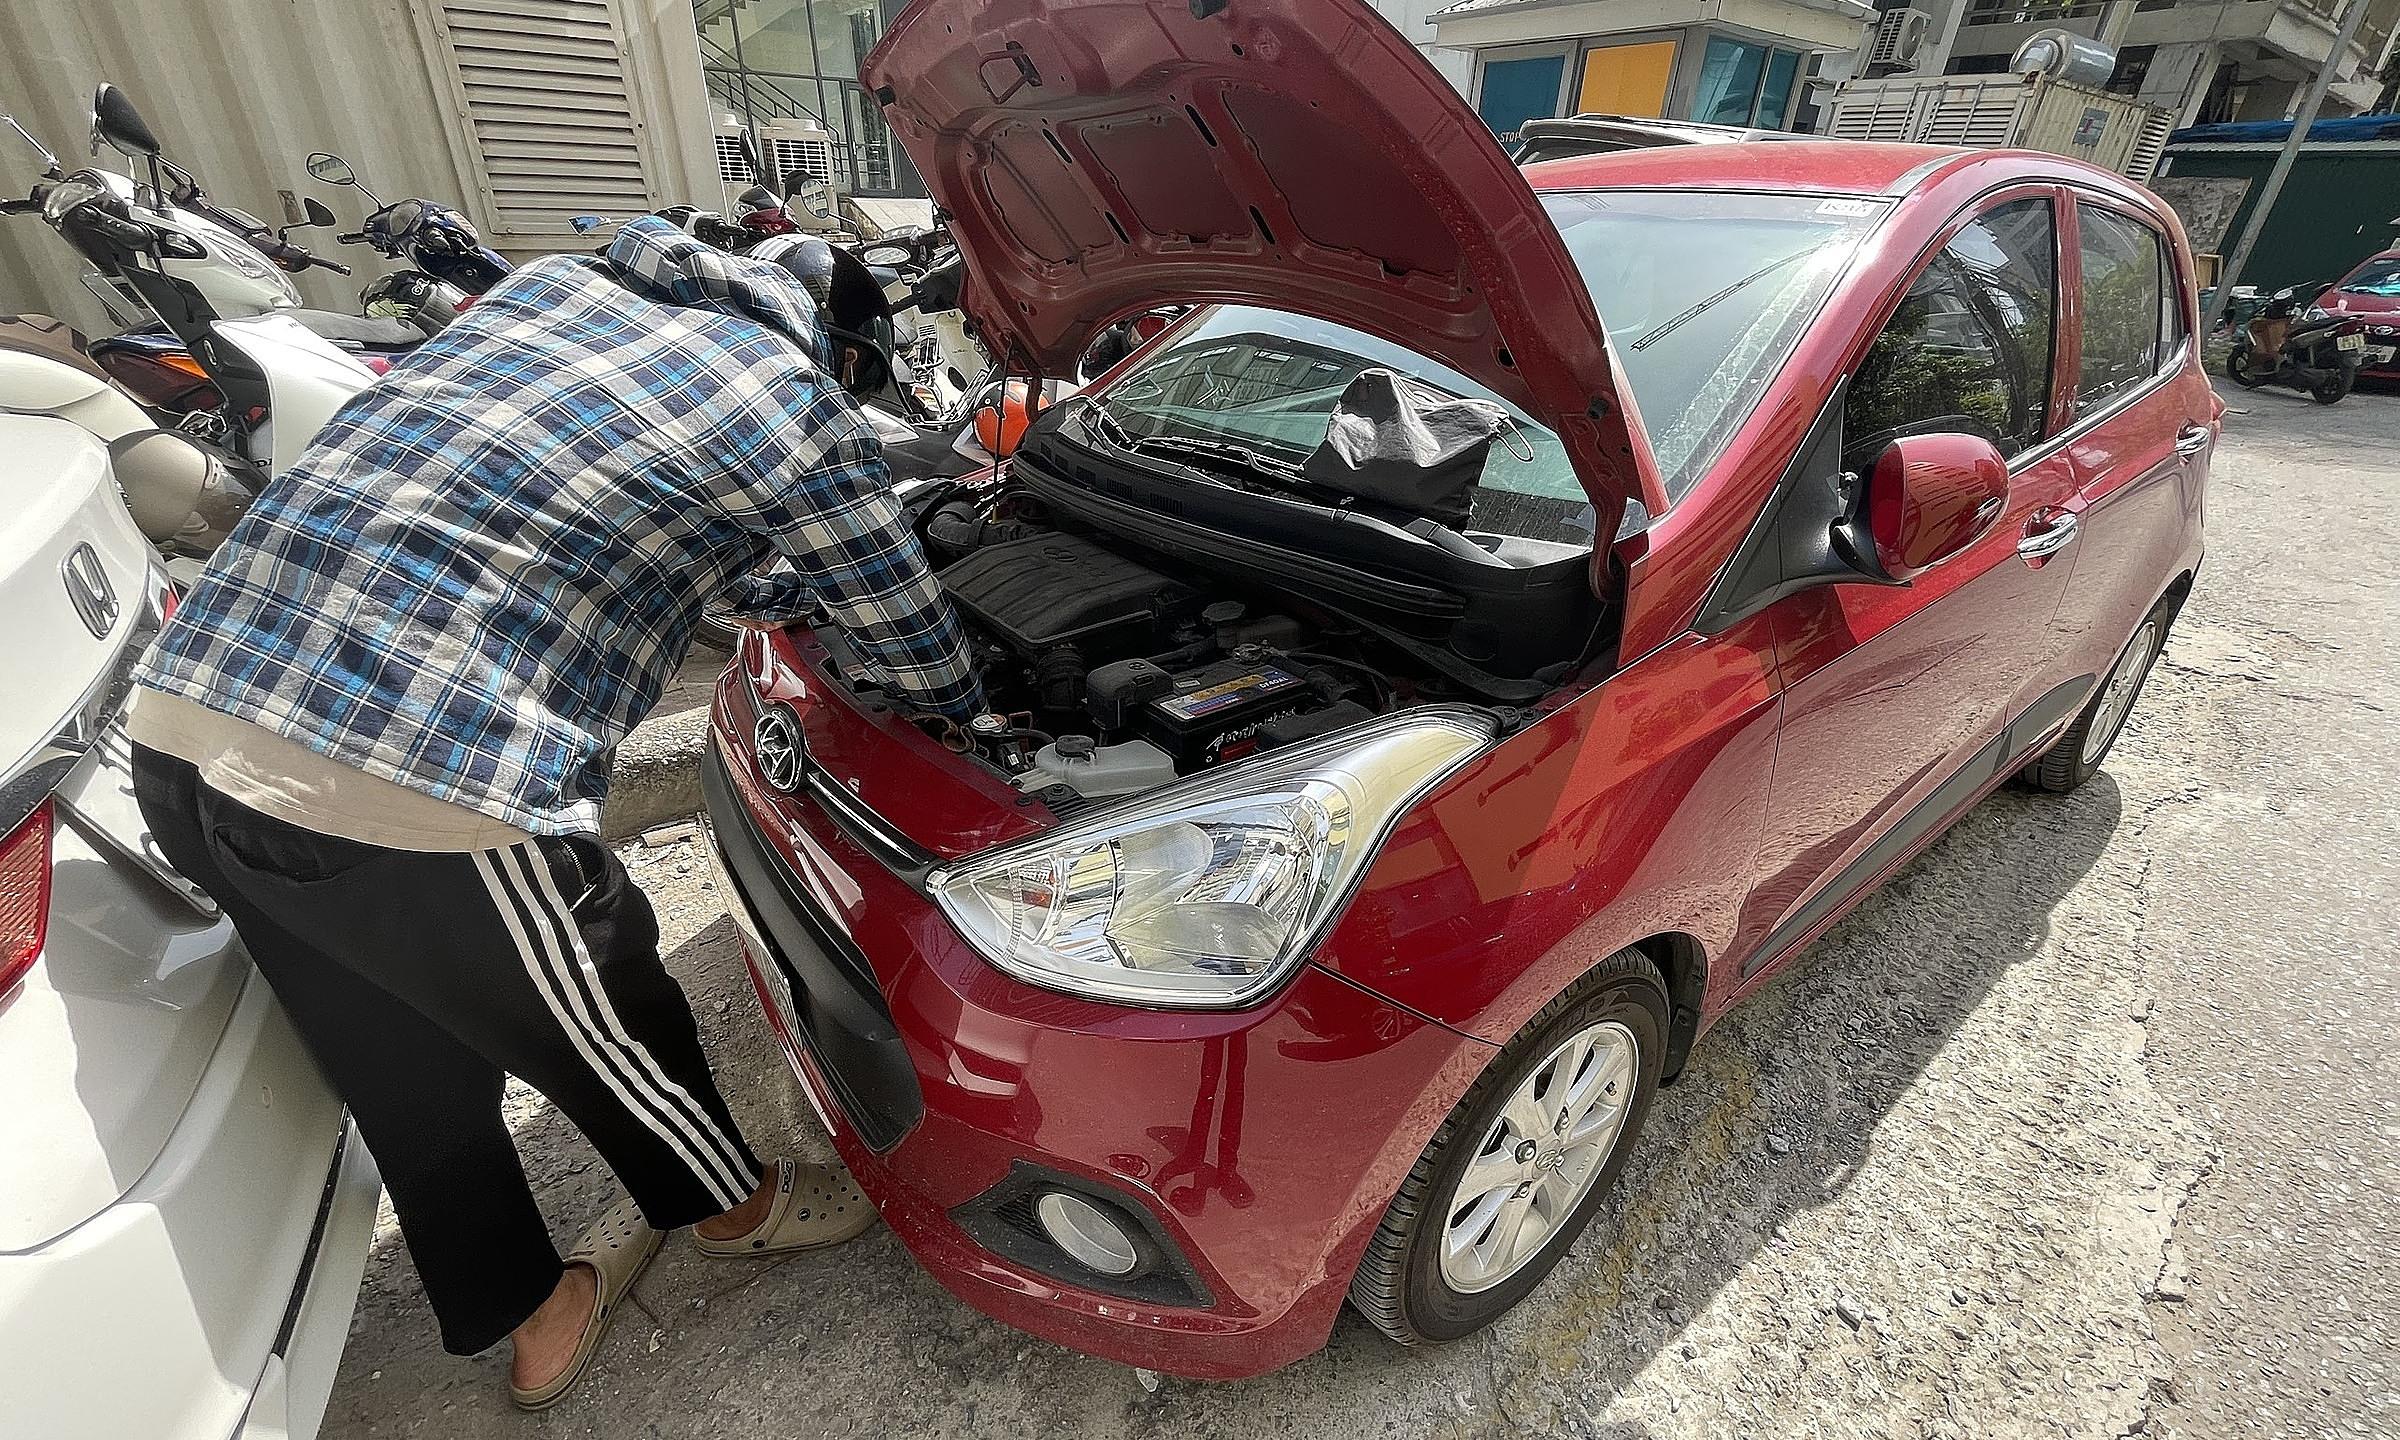 Với xe phổ thông ác quy thường nằm trong khoang máy, dưới nắp ca-po.